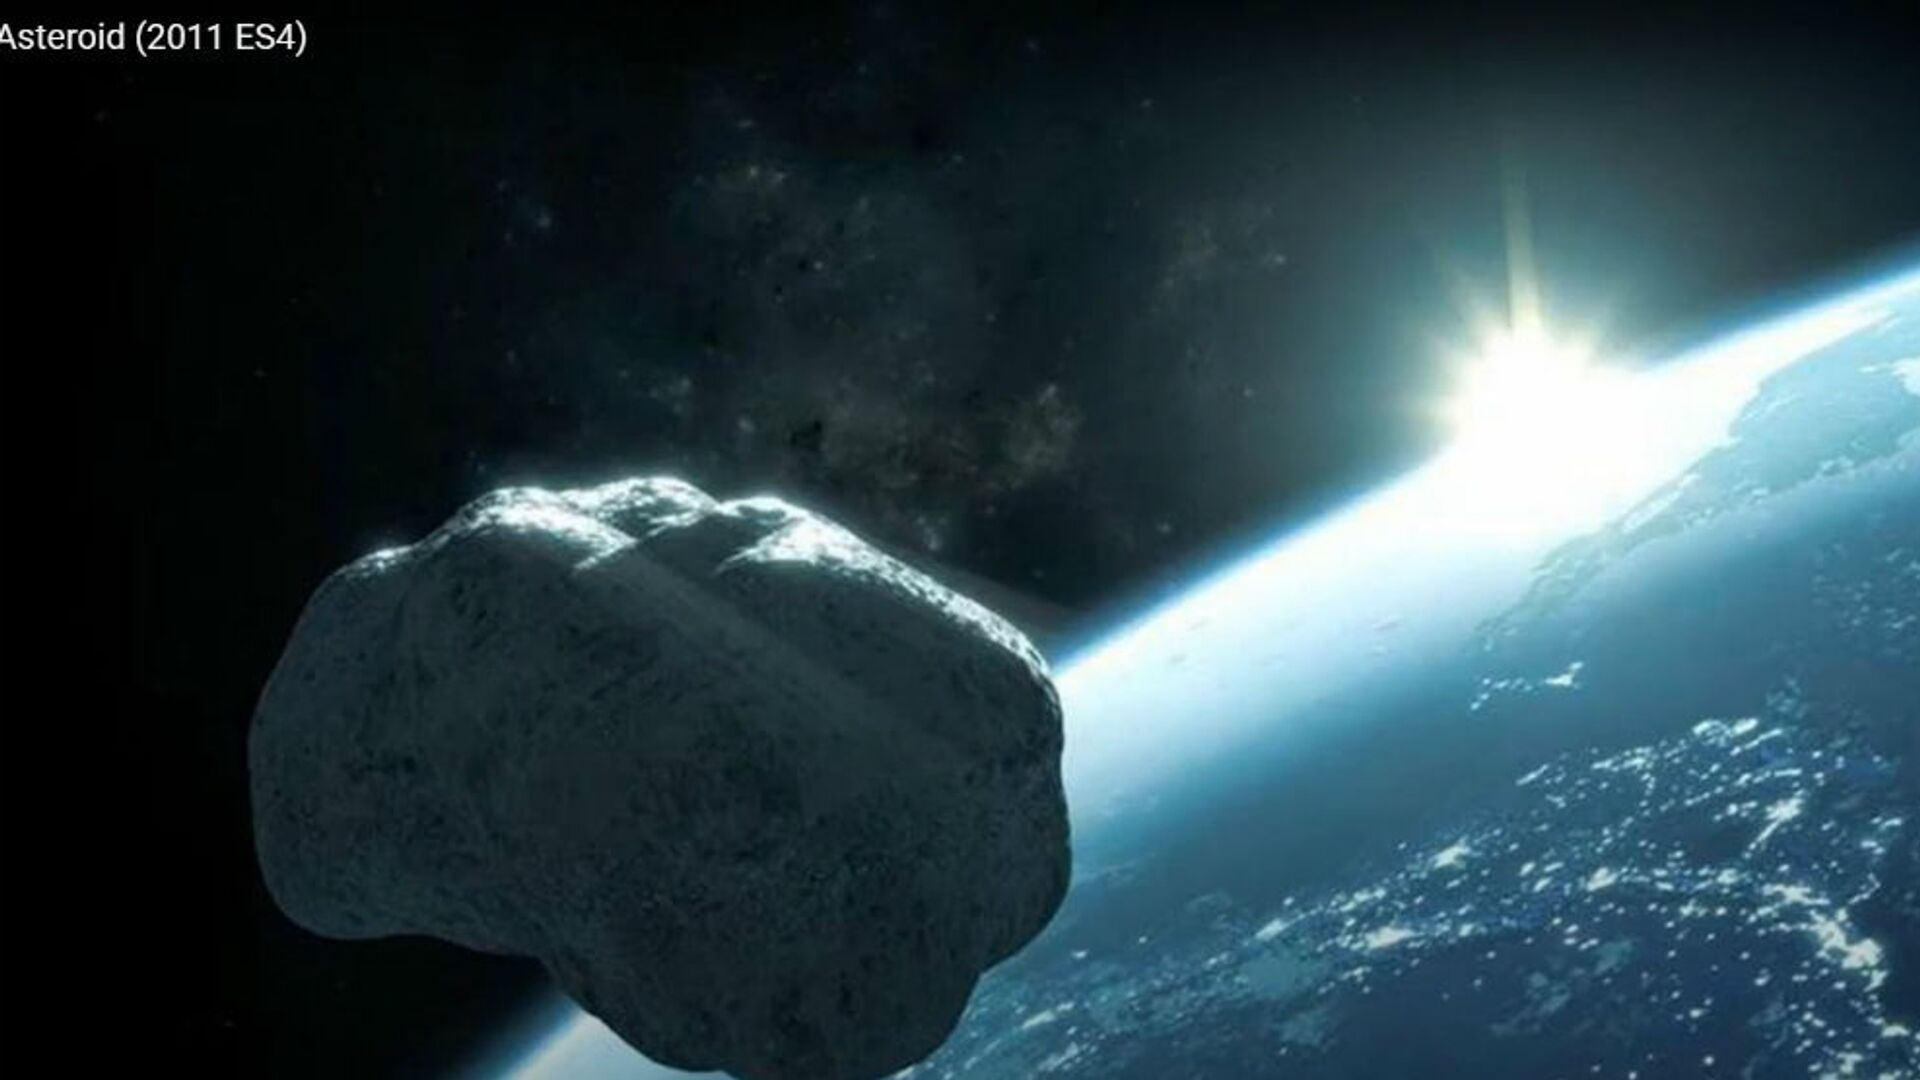 Καλλιτεχνική αναπαράσταση αστεροειδή - Sputnik Ελλάδα, 1920, 26.09.2021